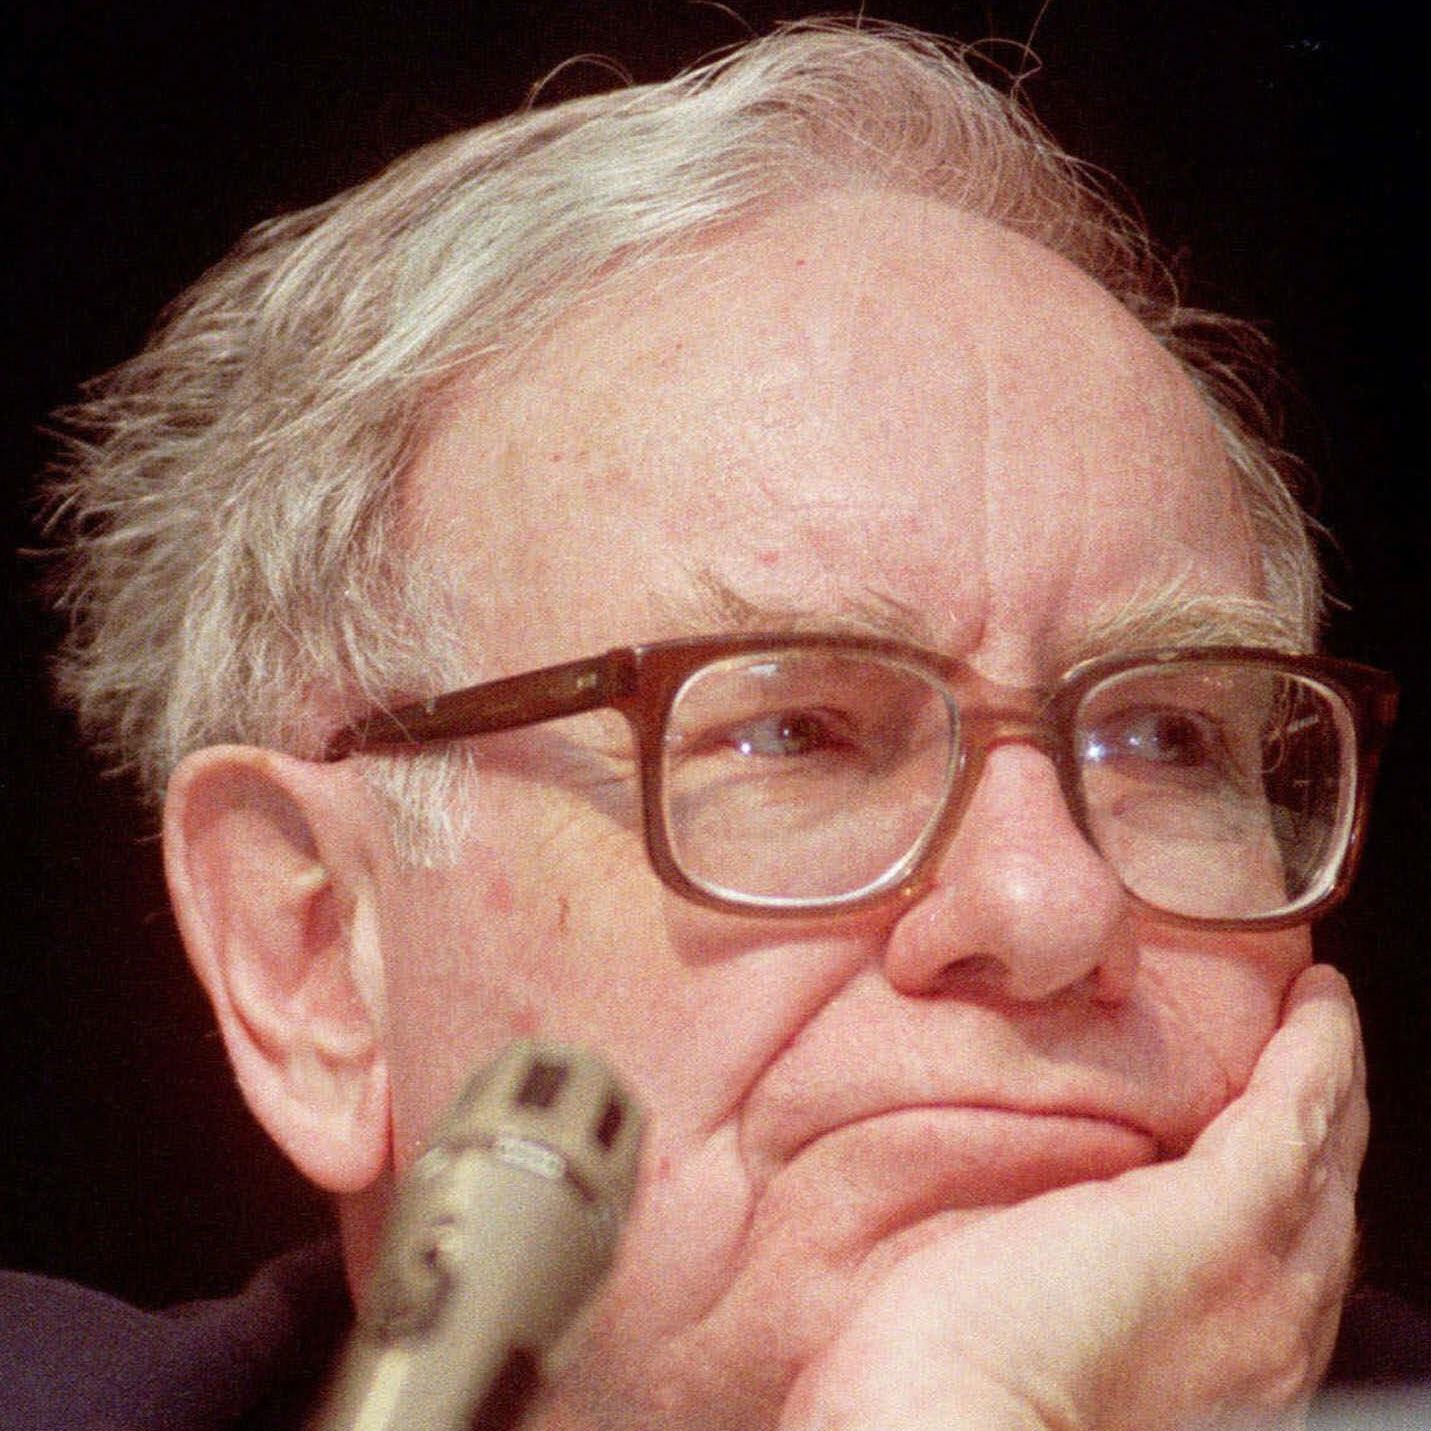 世界一の投資家・バフェットに学ぶ。その究極にシンプルな投資哲学